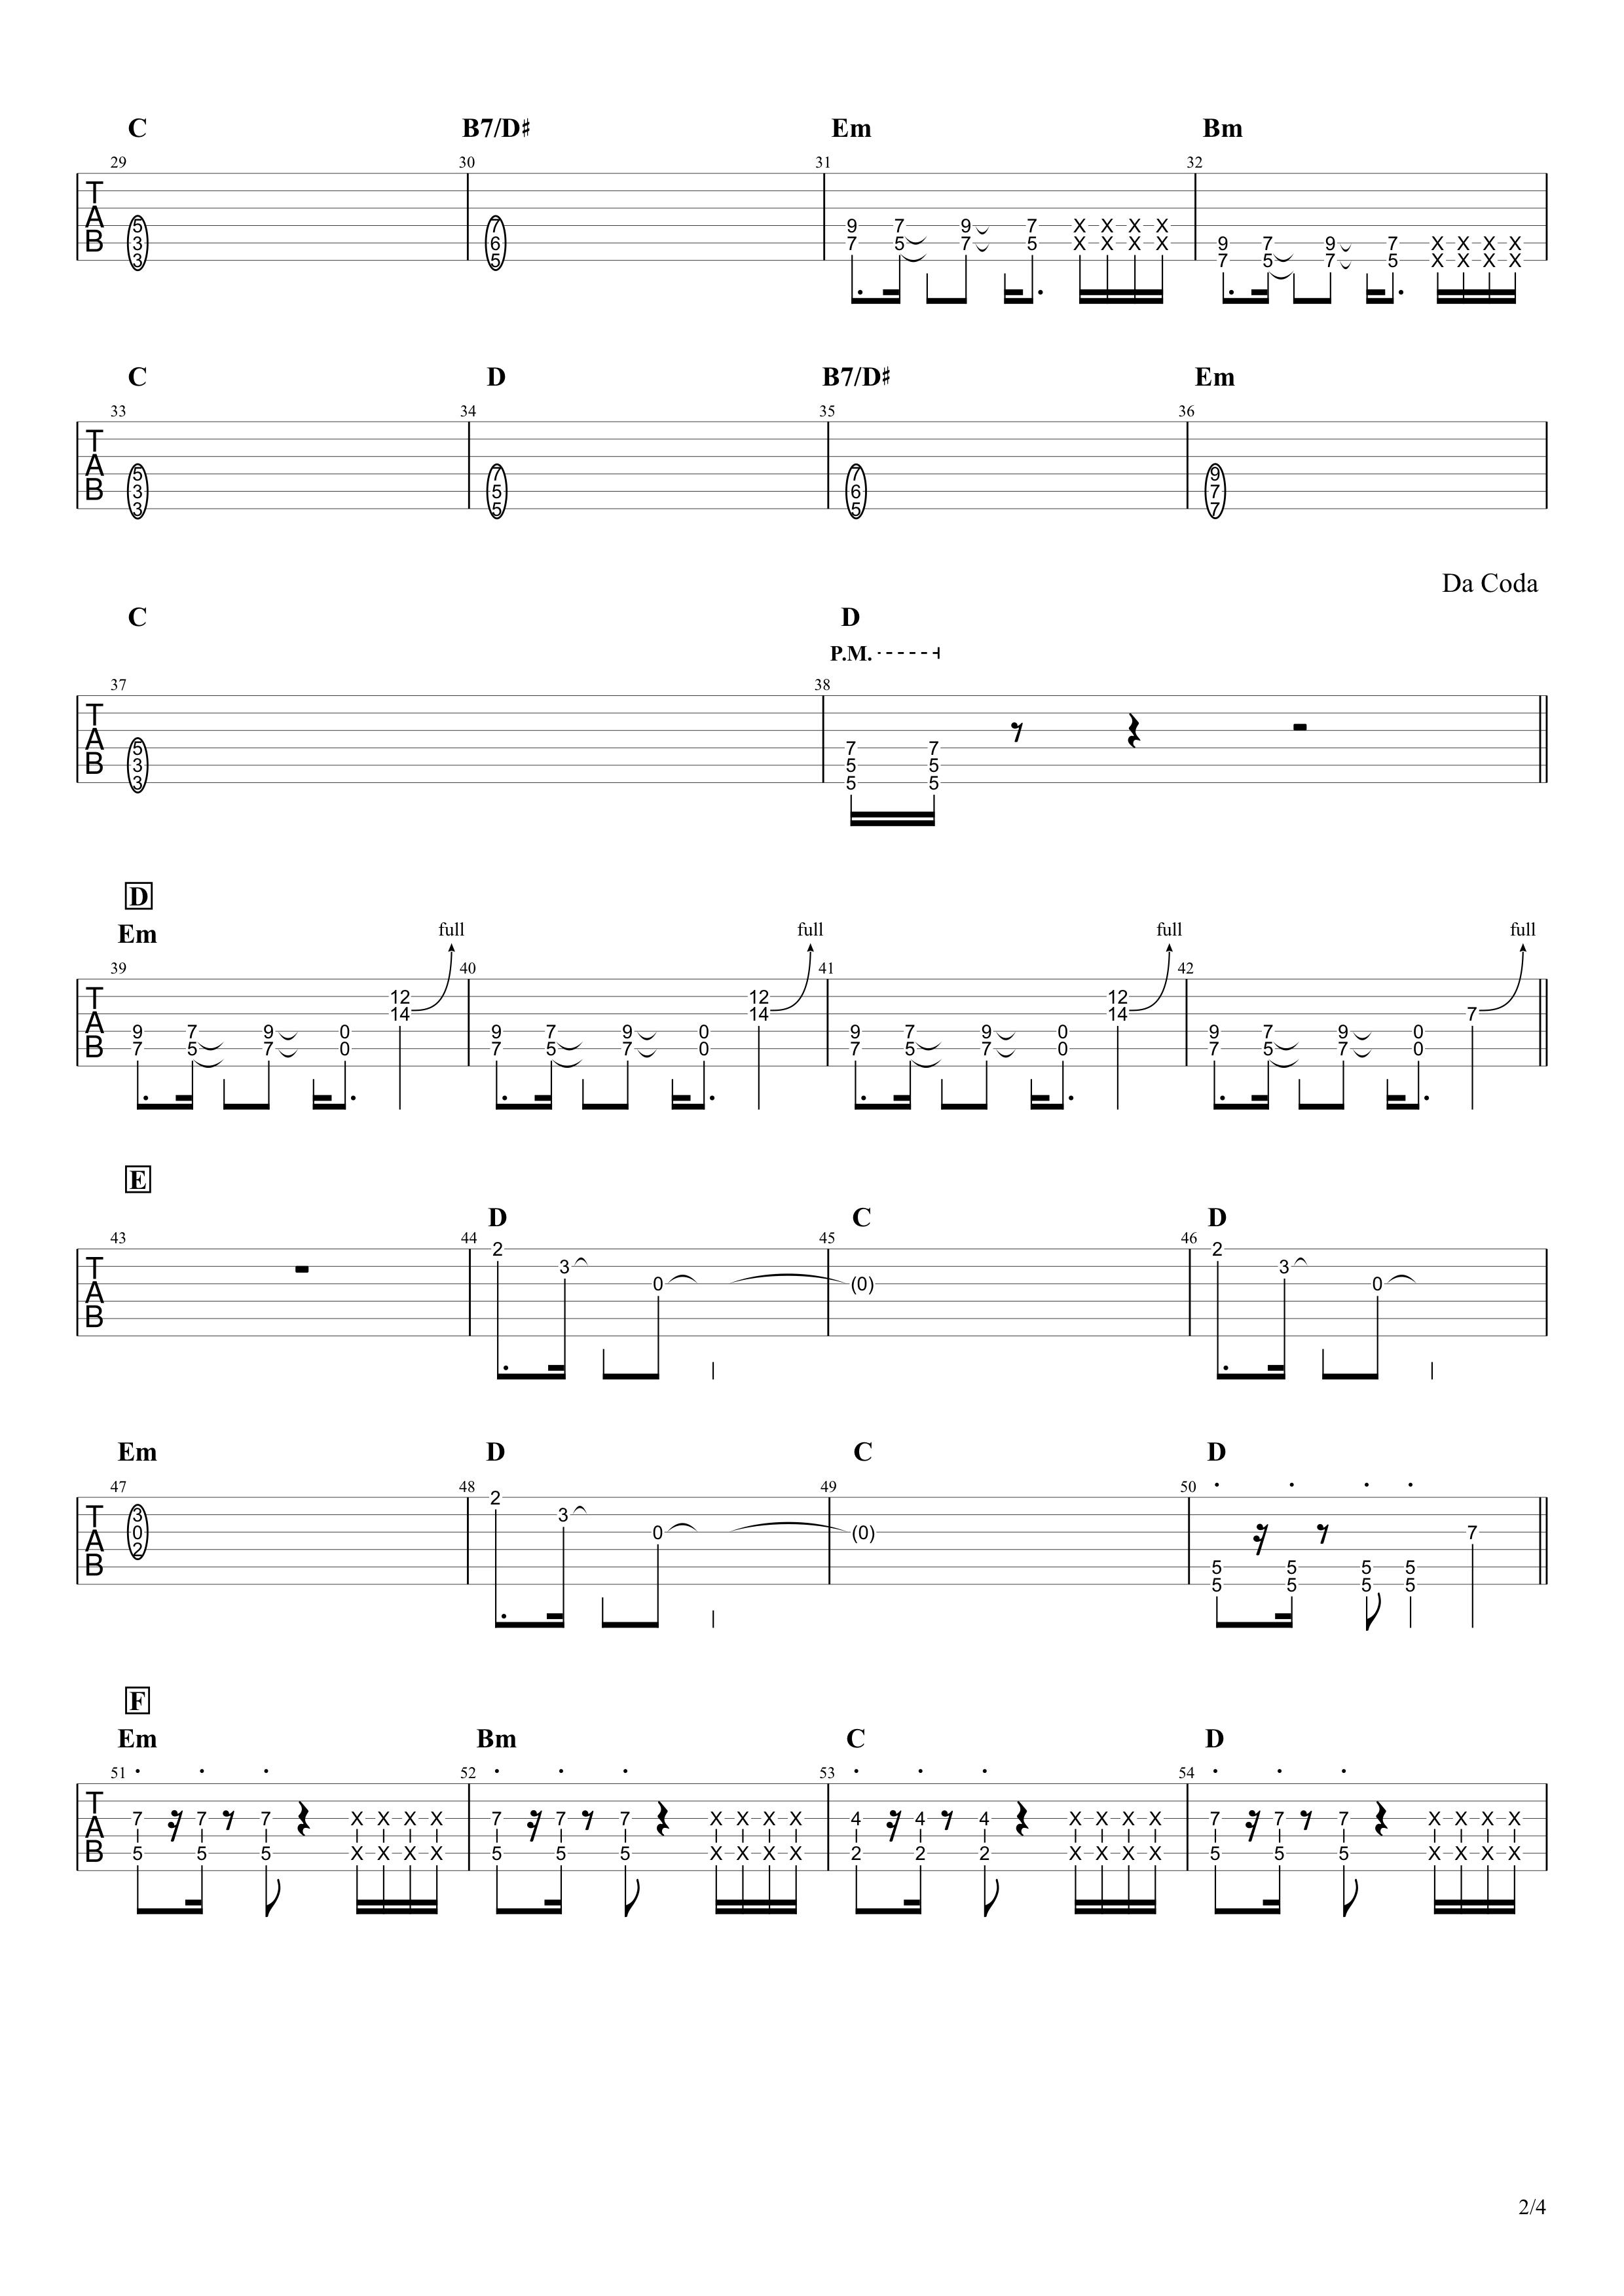 紅蓮華/LiSA ザックリ再現Ver.エレキギター向け02